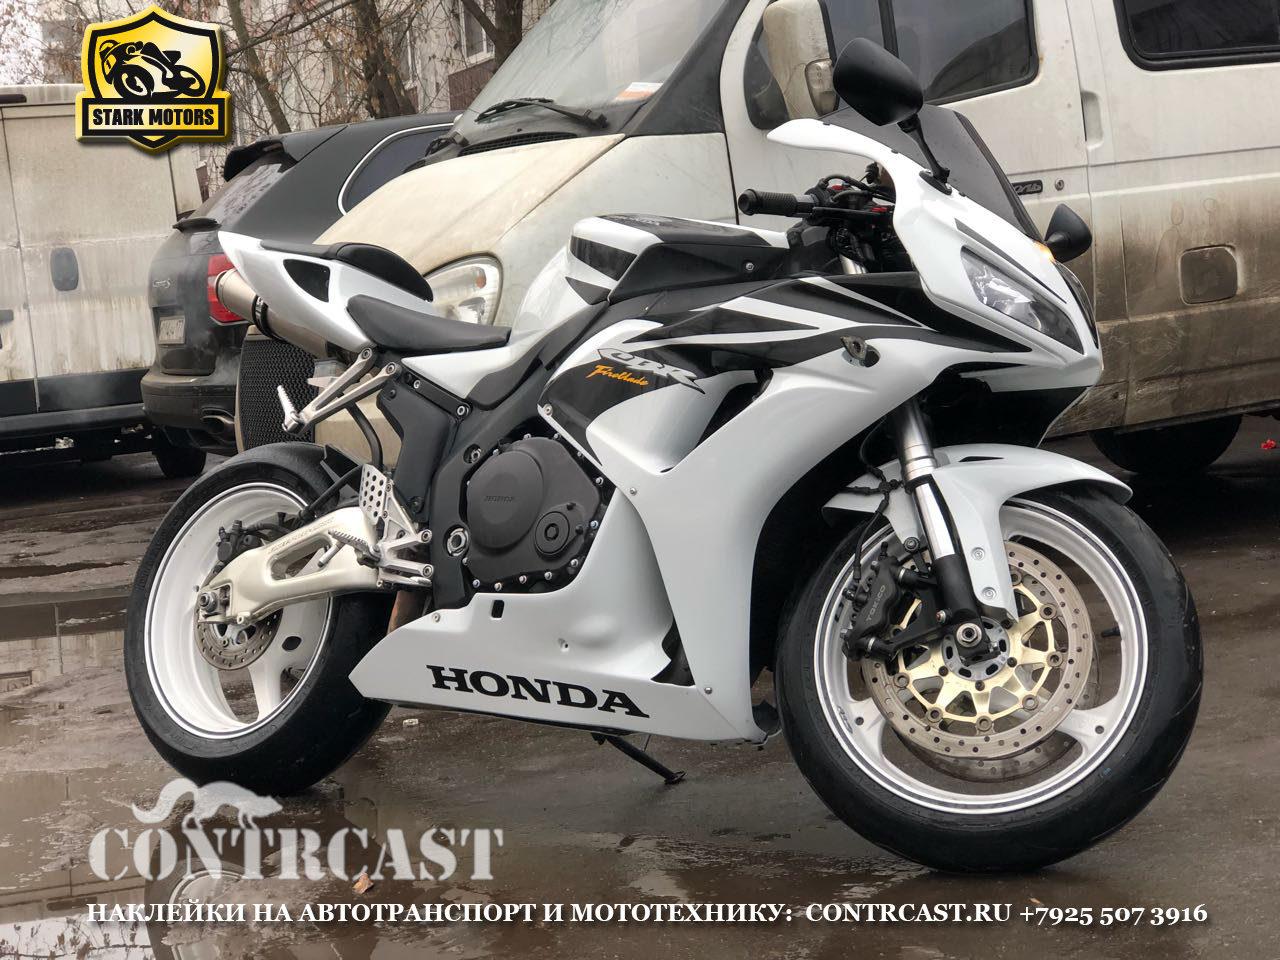 honda cbr1000rr 2007 STARK MOTORS